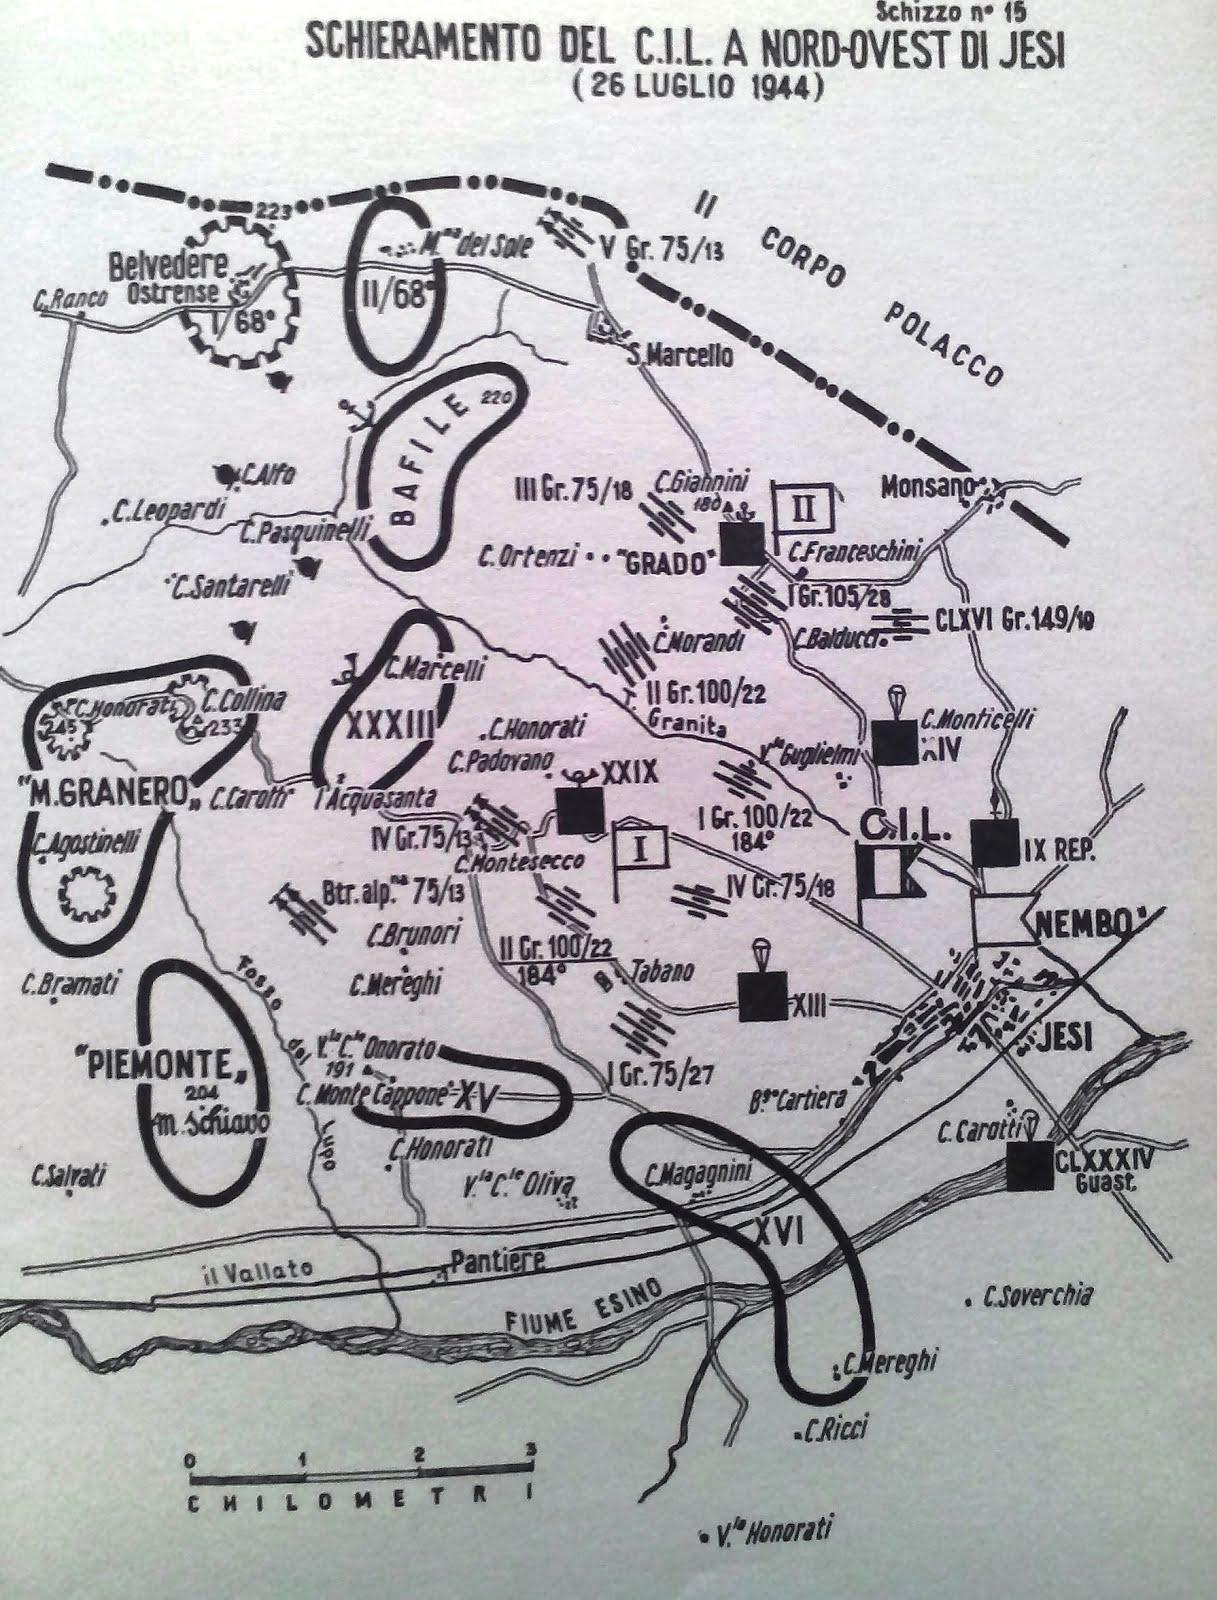 Schieramento del Corpo Italiano di Liberazione 26 luglio 1944